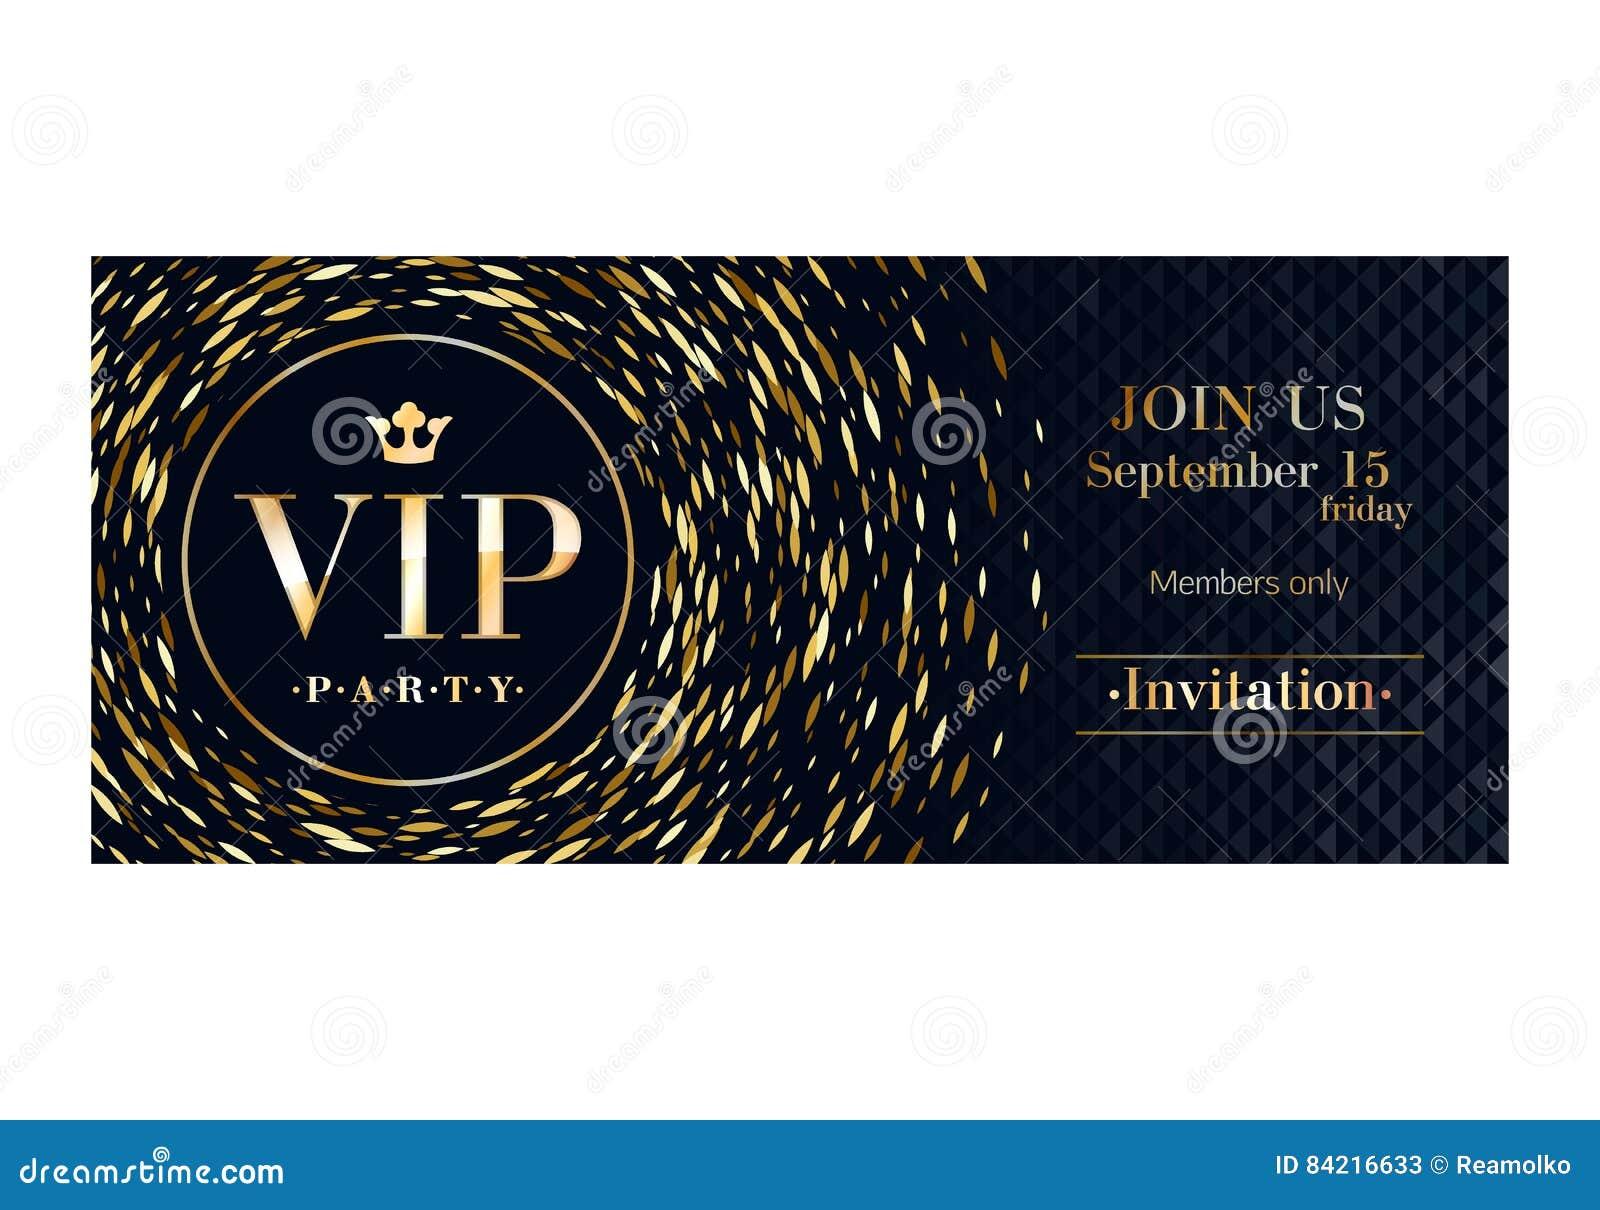 Πρότυπο σχεδίου ασφαλίστρου καρτών VIP πρόσκλησης